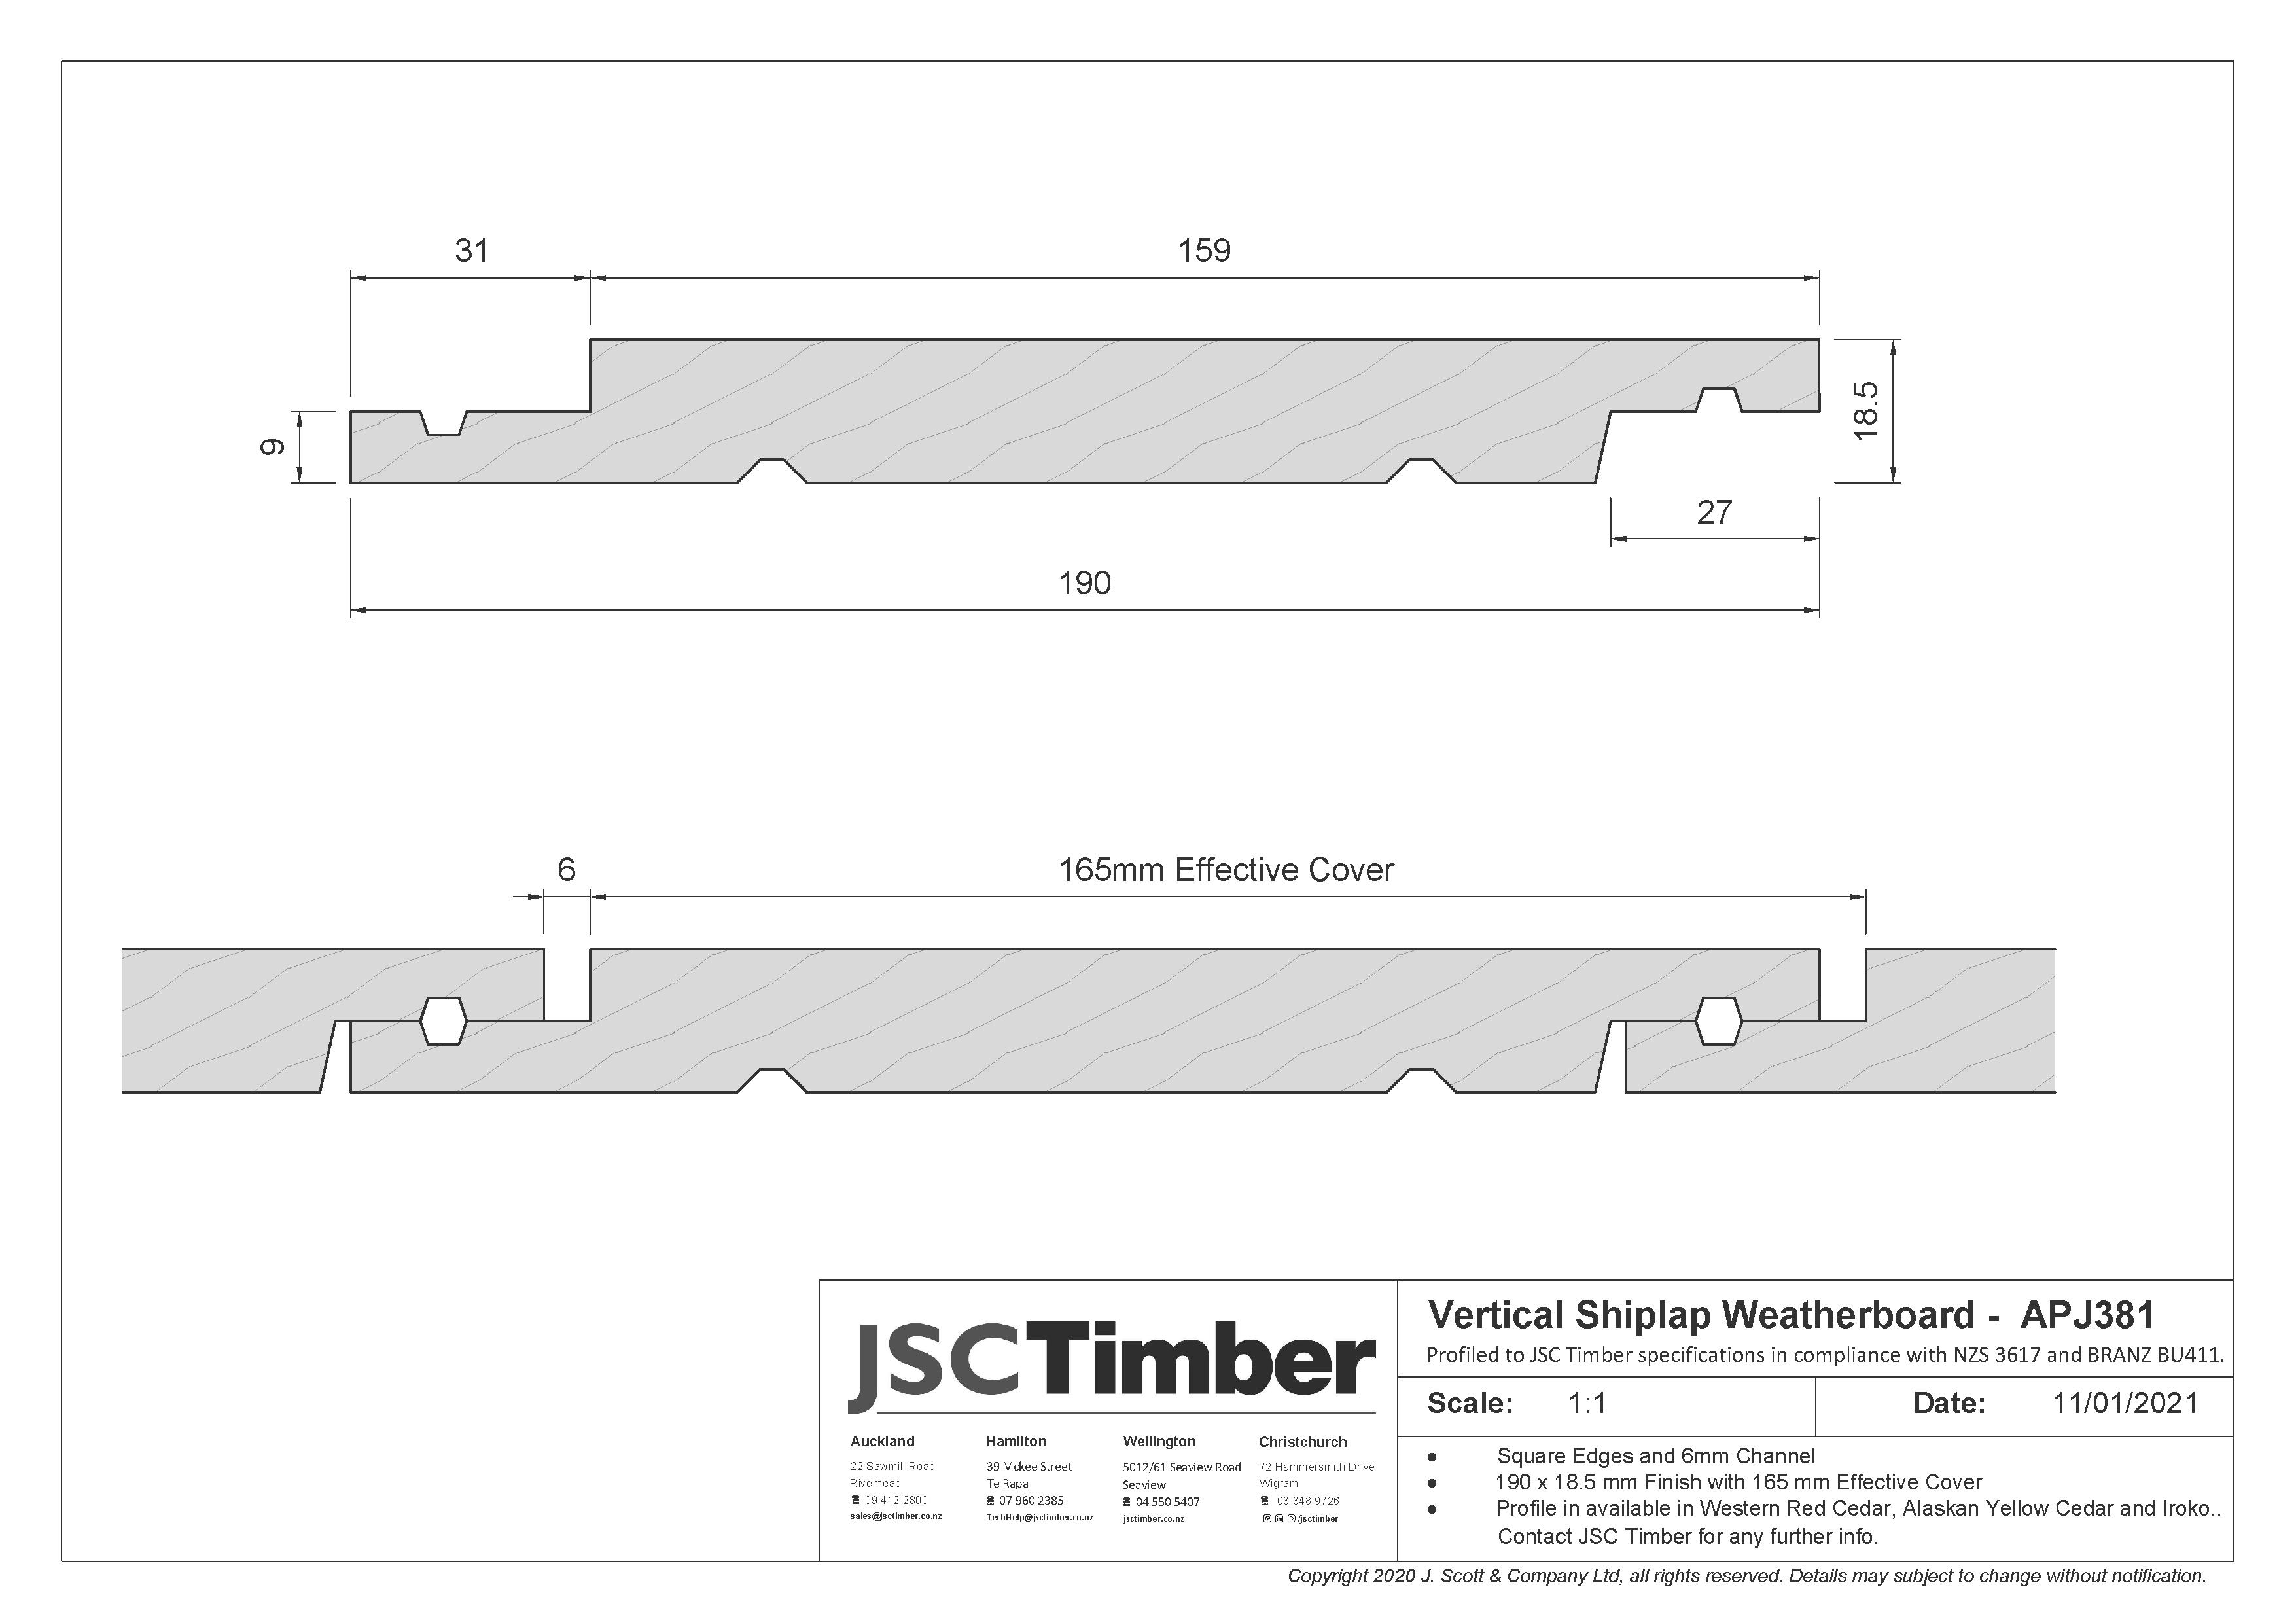 APJ381 Vertical Shiplap Weatherboard